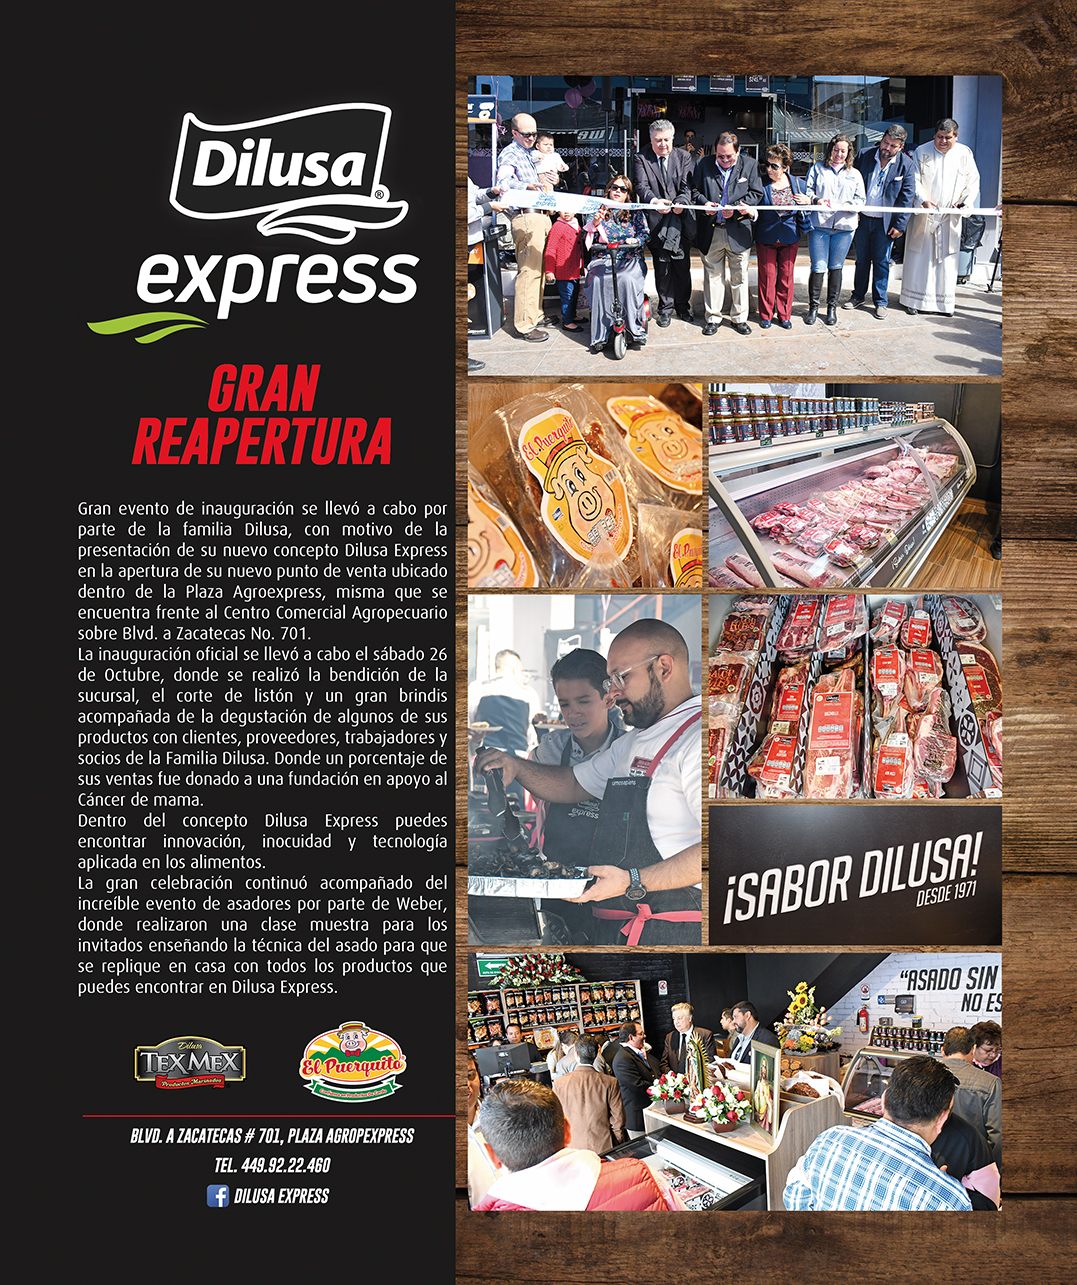 DILUSA EXPRESS